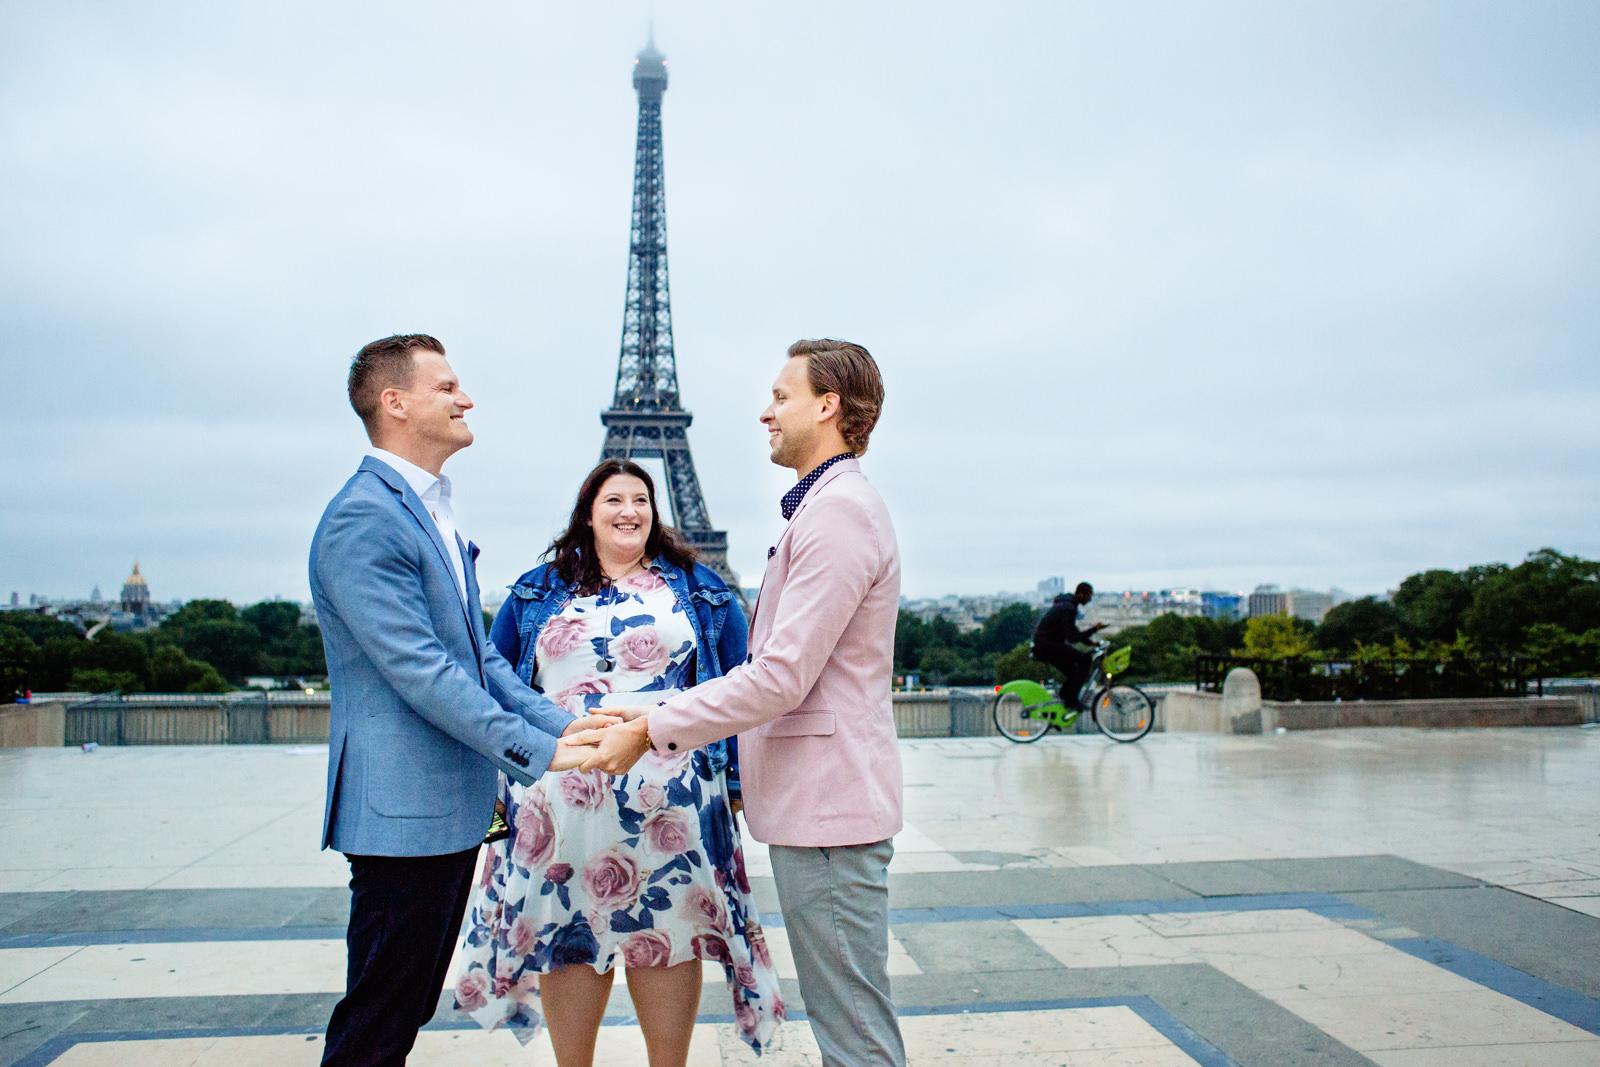 Freie Trauung von Trautante Friederike Delong auf einer Jungshochzeit am Eiffelturm in Paris fotografiert von Hochzeitsfotograf Steven Herrschaft aus Wiesbaden